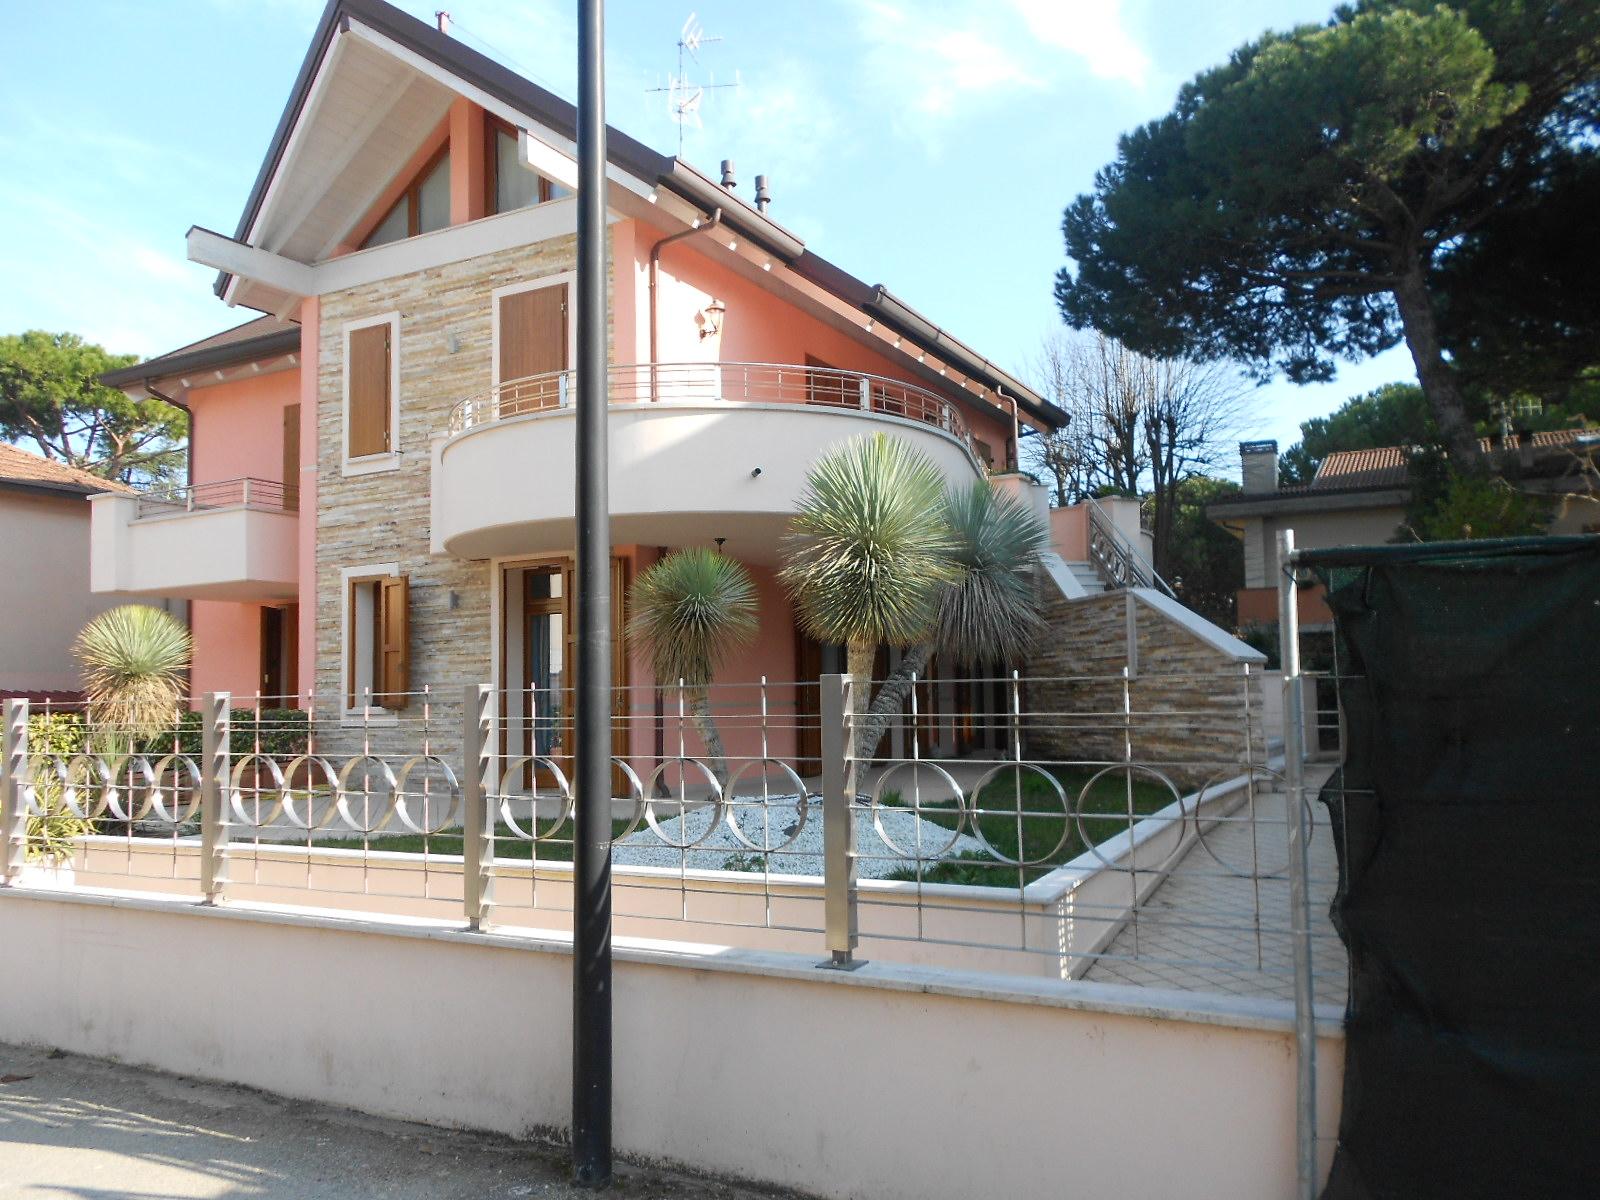 Affitto villa milano marittima agenzia immobiliare for Case arredate affitto milano